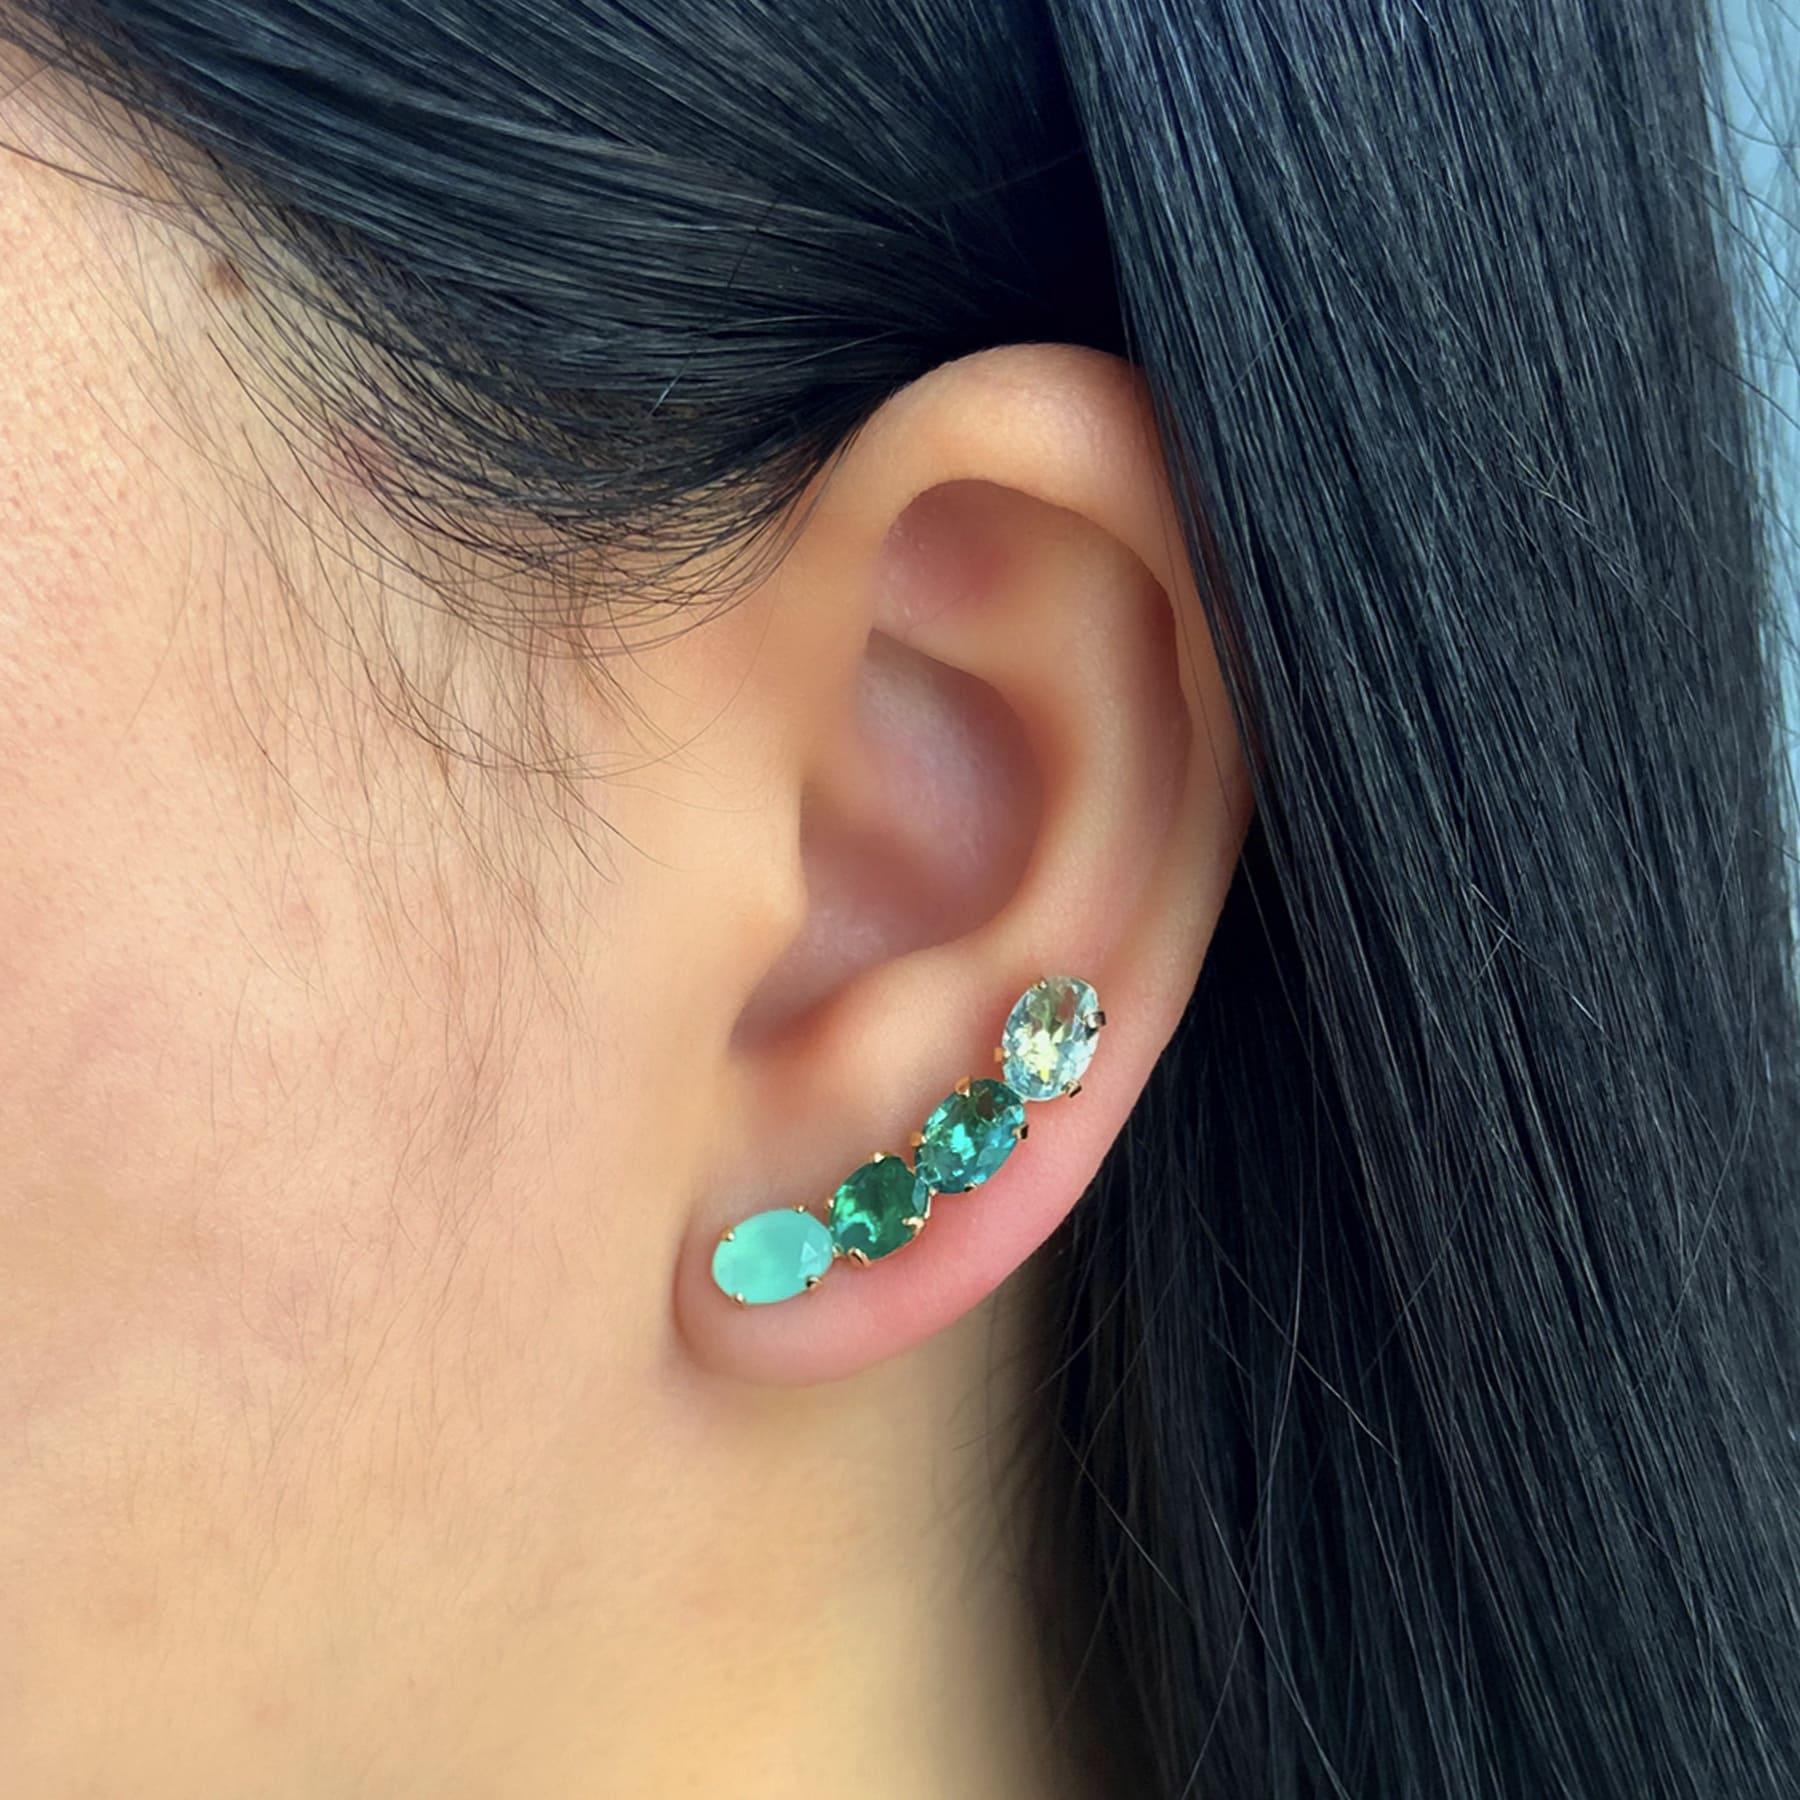 Brinco Ear Cuff Folheado Com Zircônia Colorida - Natureza